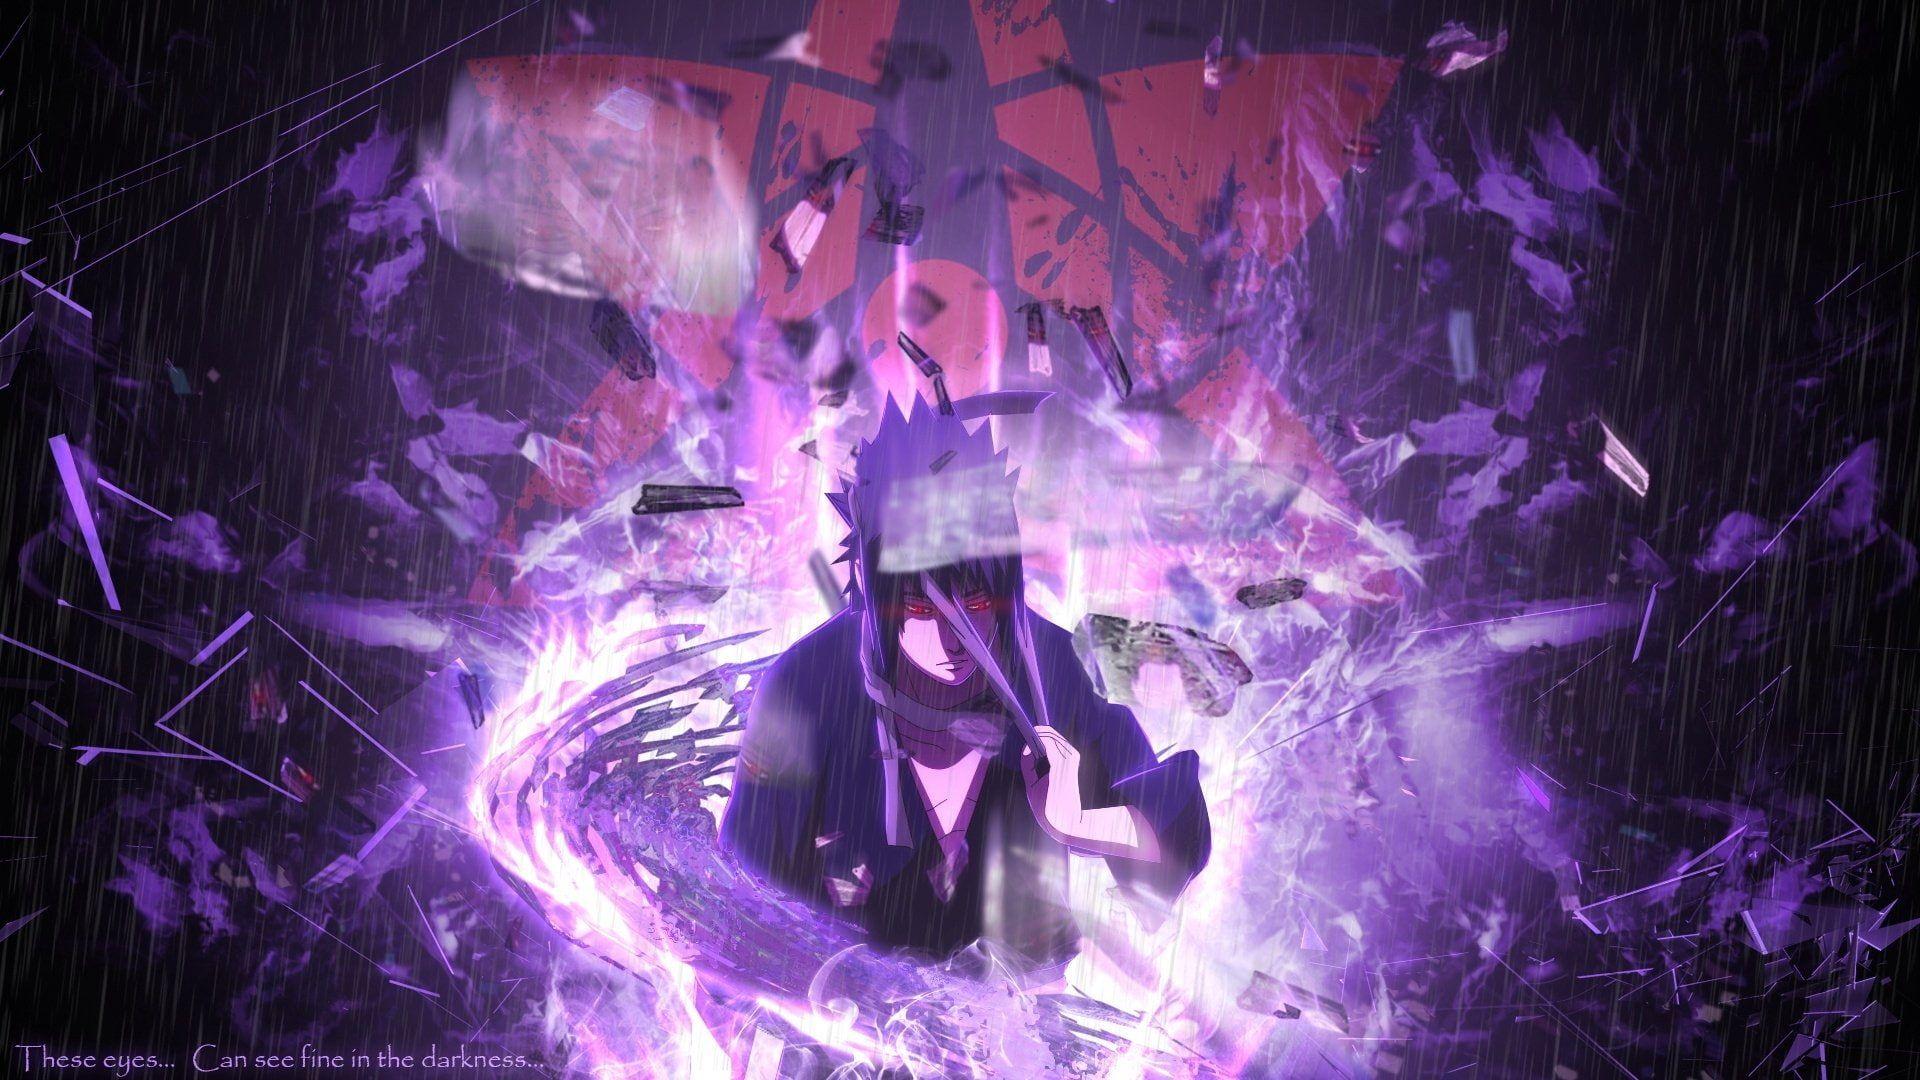 Anime Naruto Sasuke Uchiha 1080p Wallpaper Hdwallpaper Desktop In 2021 Naruto And Sasuke Wallpaper Naruto Wallpaper Sasuke Uchiha